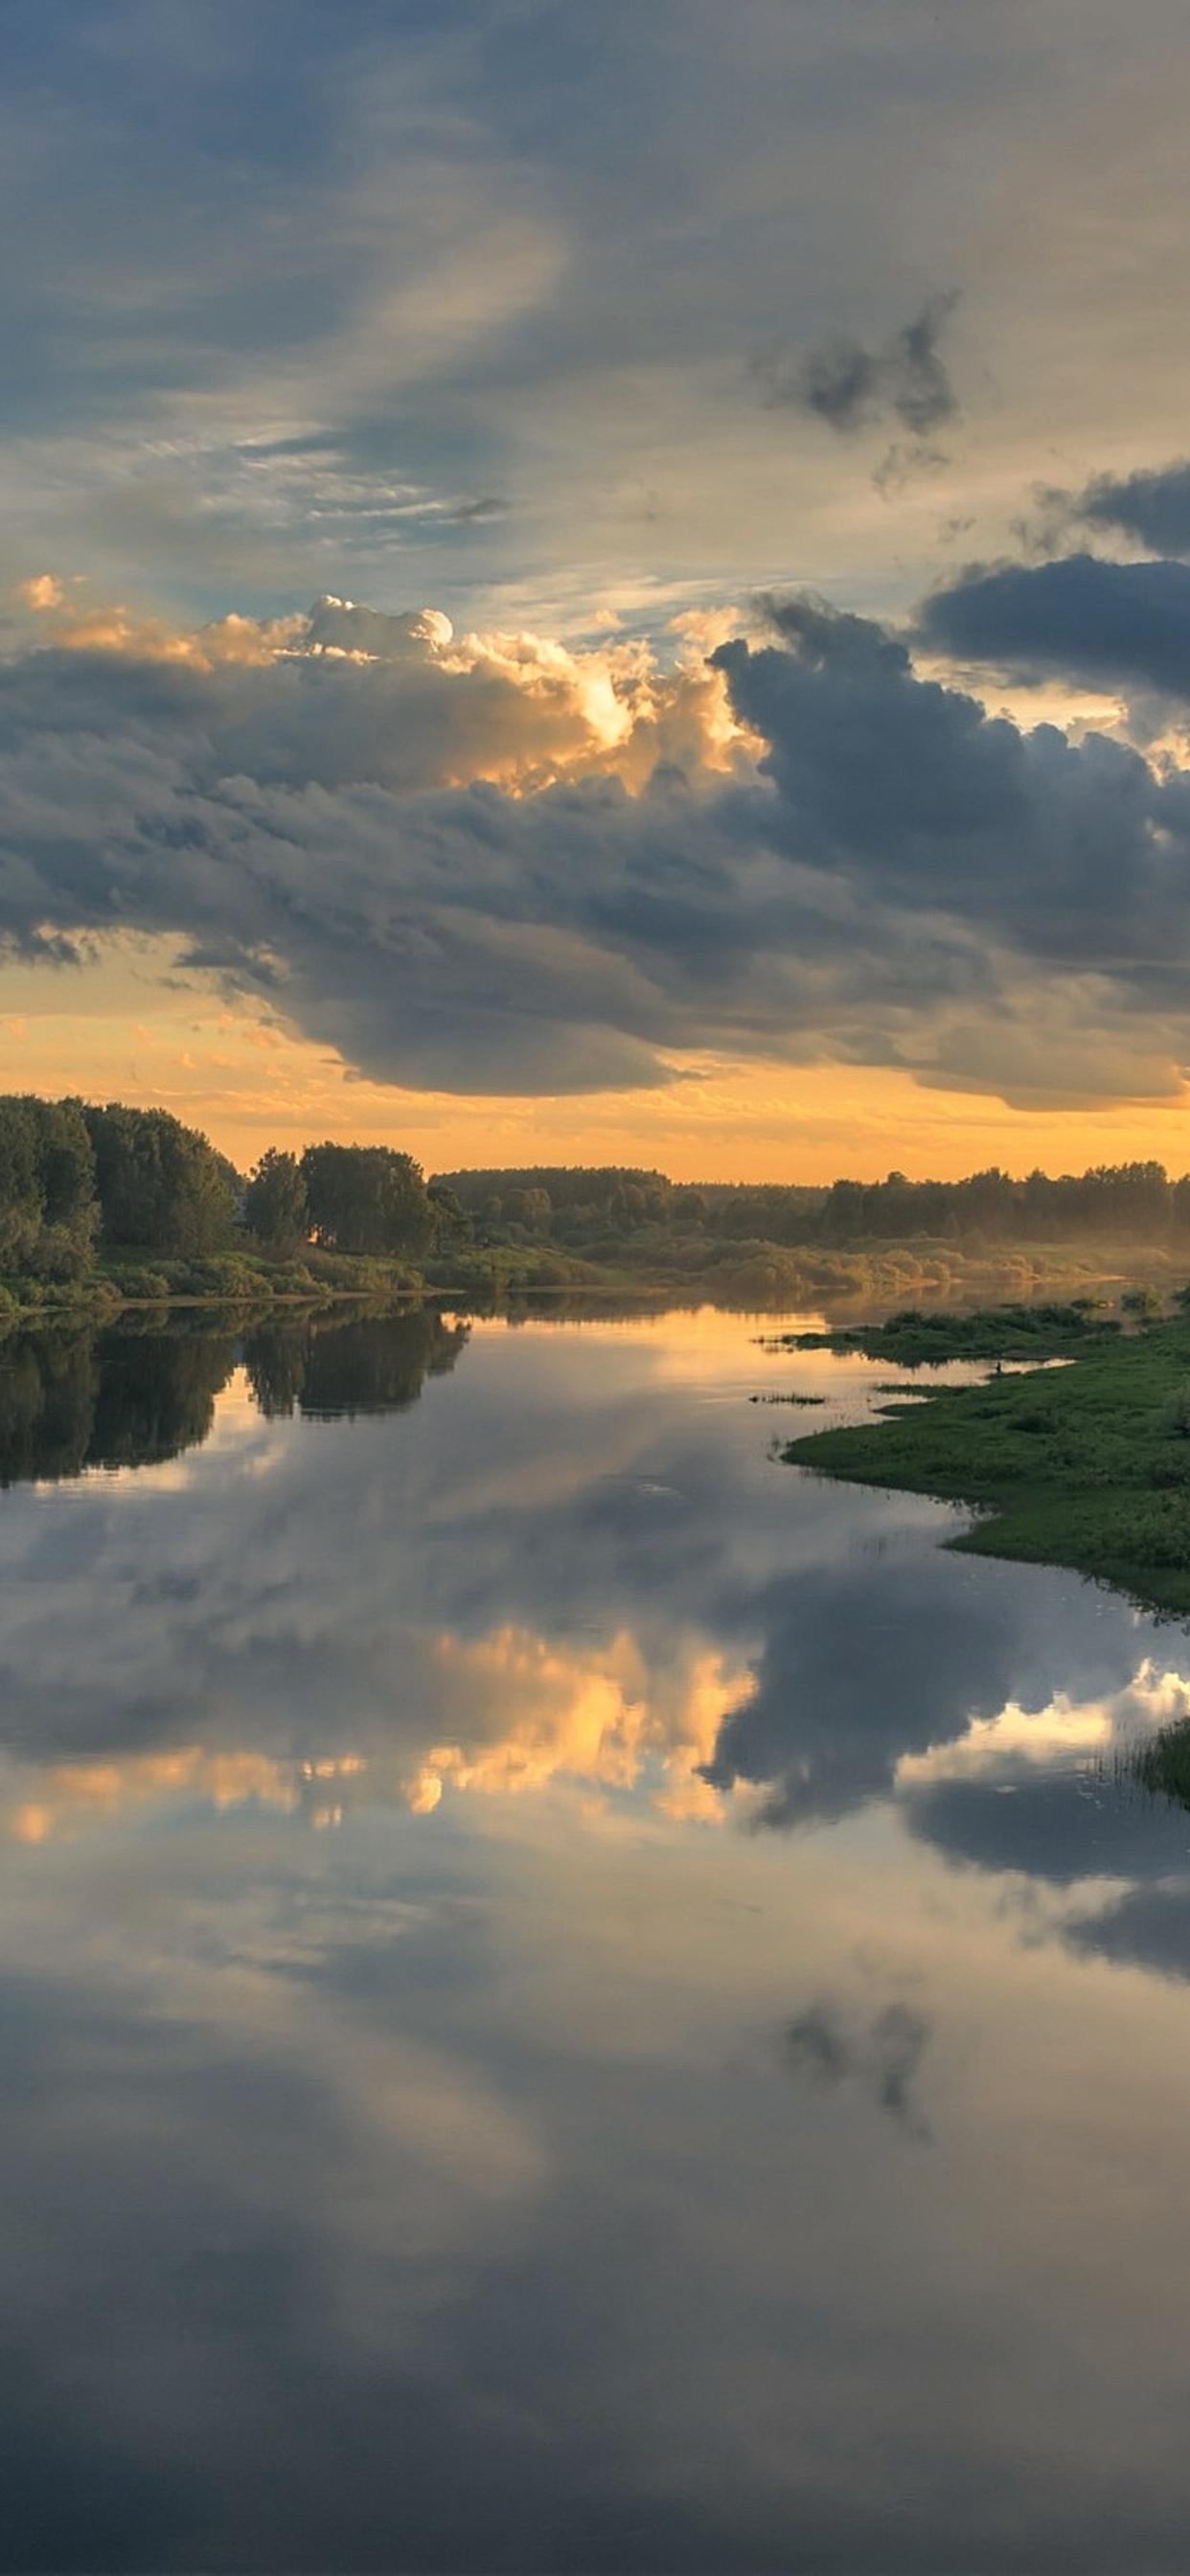 cloud-landscape-nature-reflection-river-x1.jpg